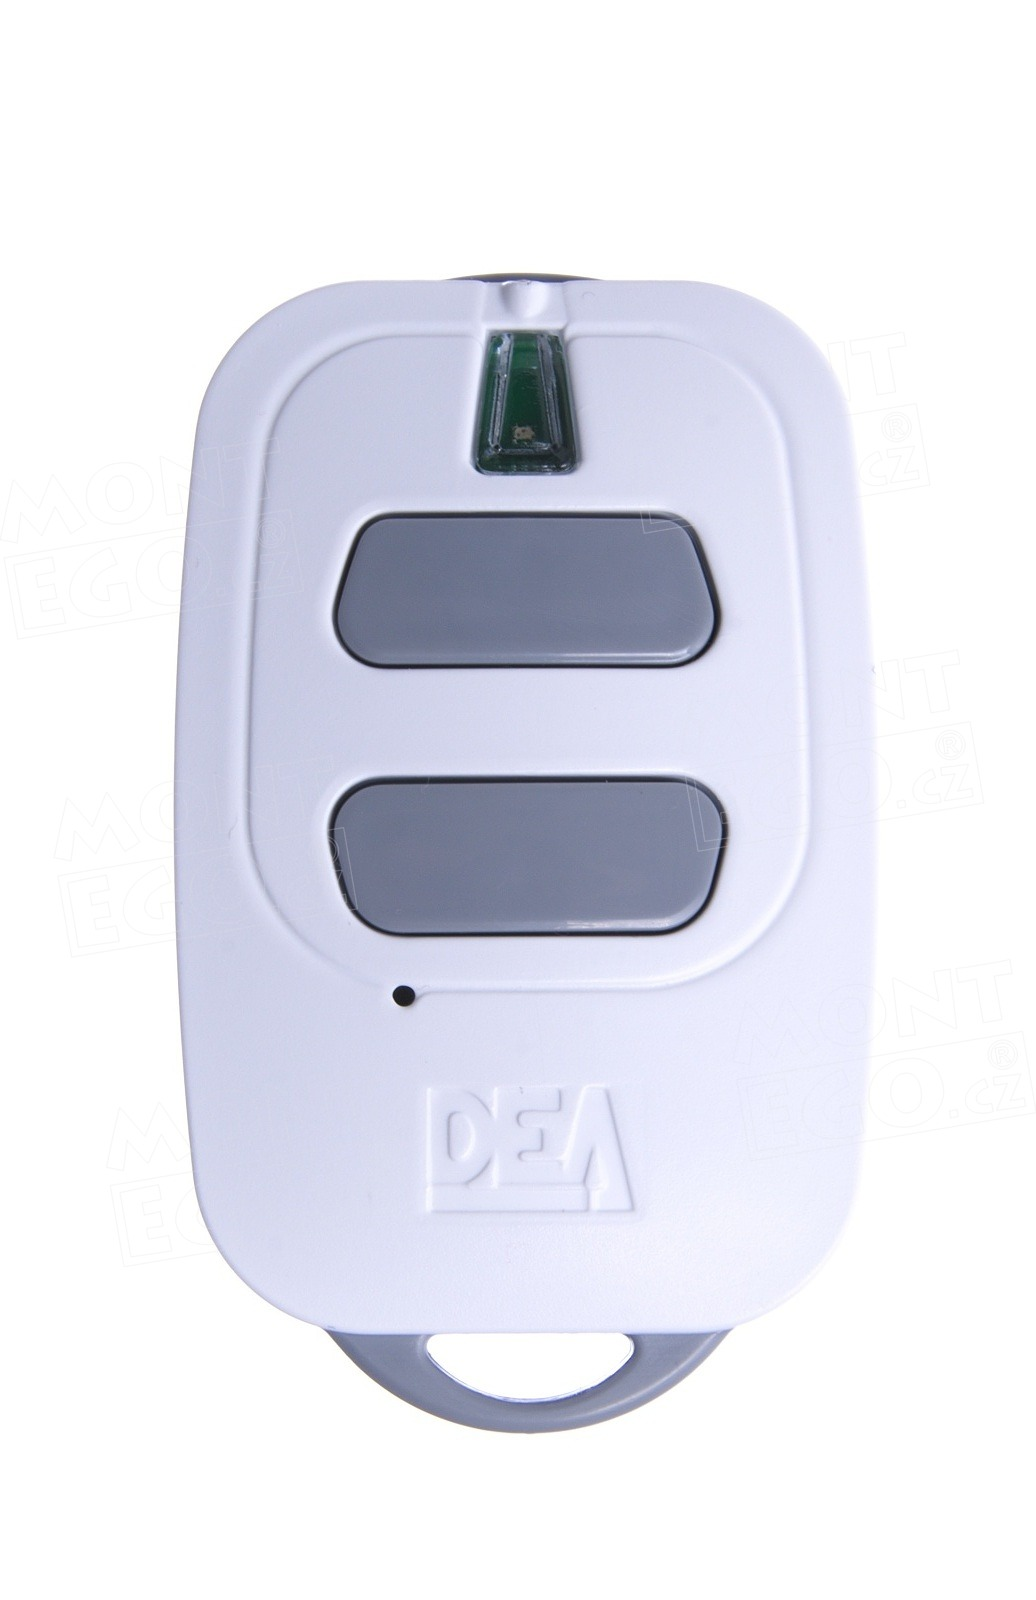 Dálkový ovládač Dea GT2M, dvoukanálový ovládač pro pohony DEA s plovoucím i pevným kódem